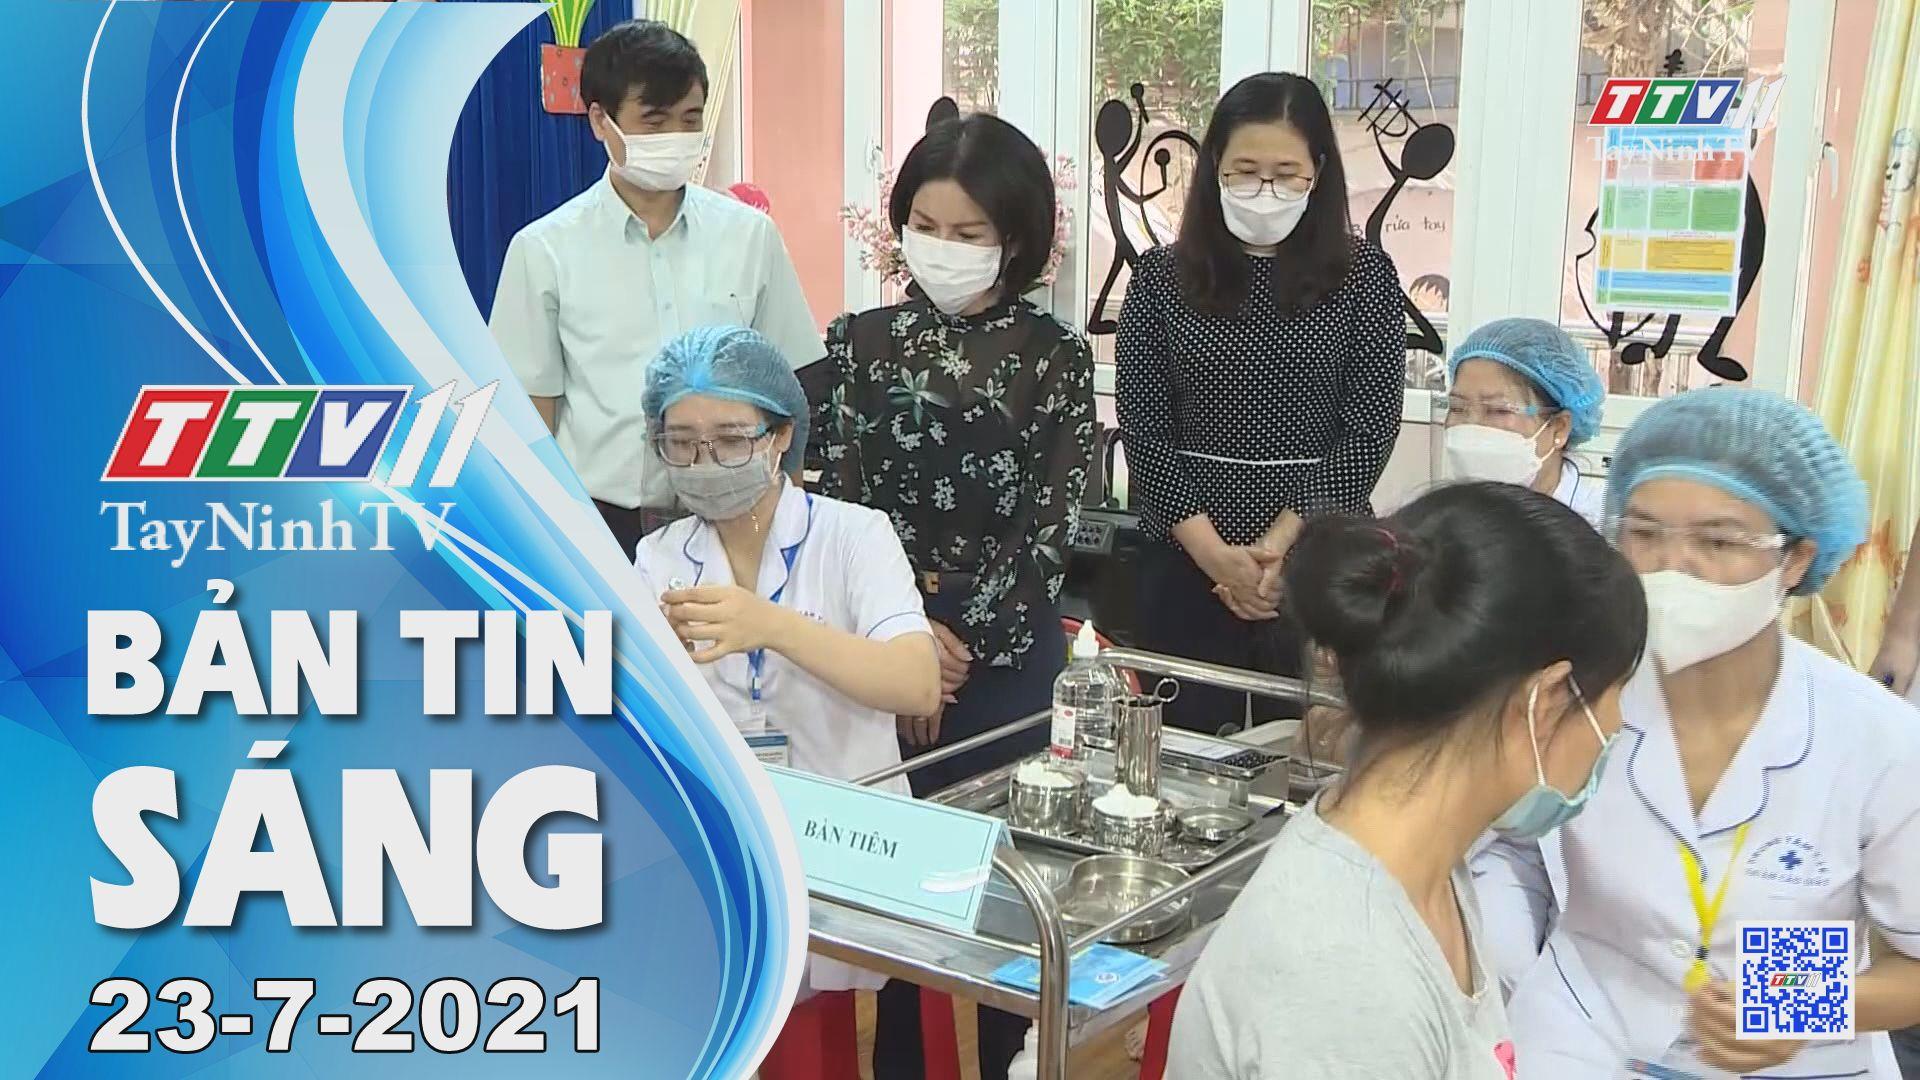 Bản tin sáng 23-7-2021 | Tin tức hôm nay | TayNinhTV